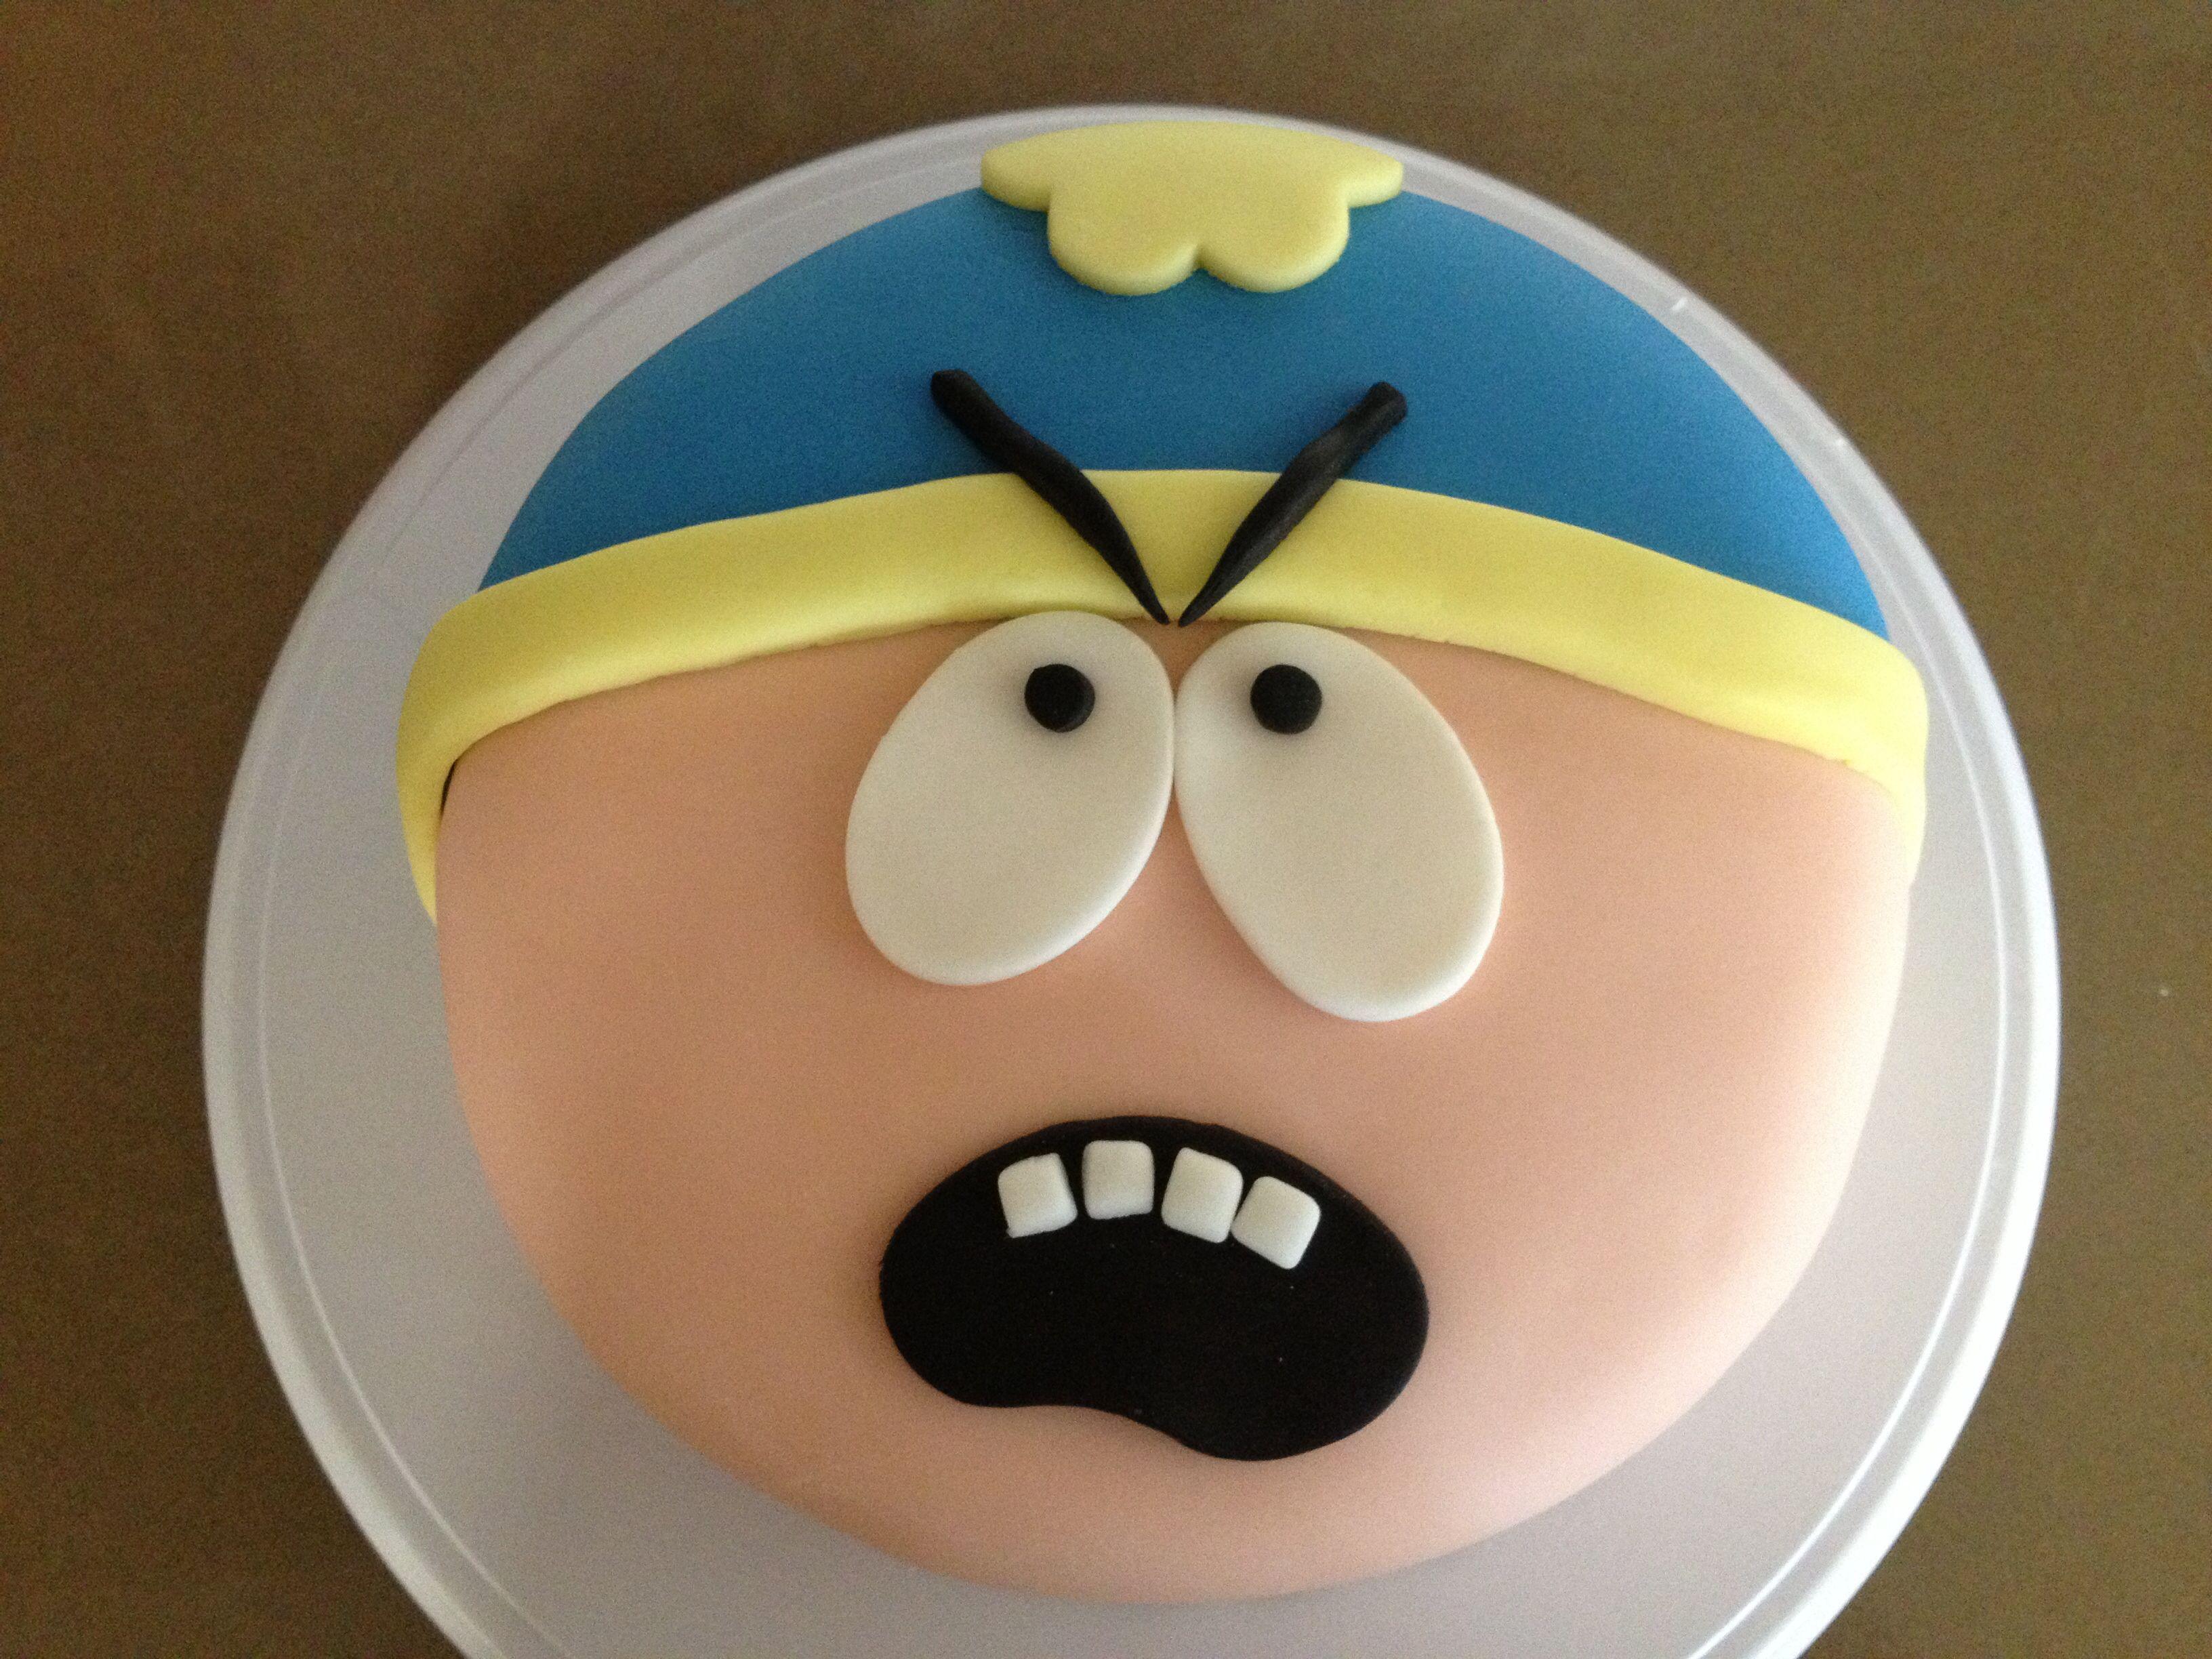 Cartman Cake Cake Cake Decorating Food